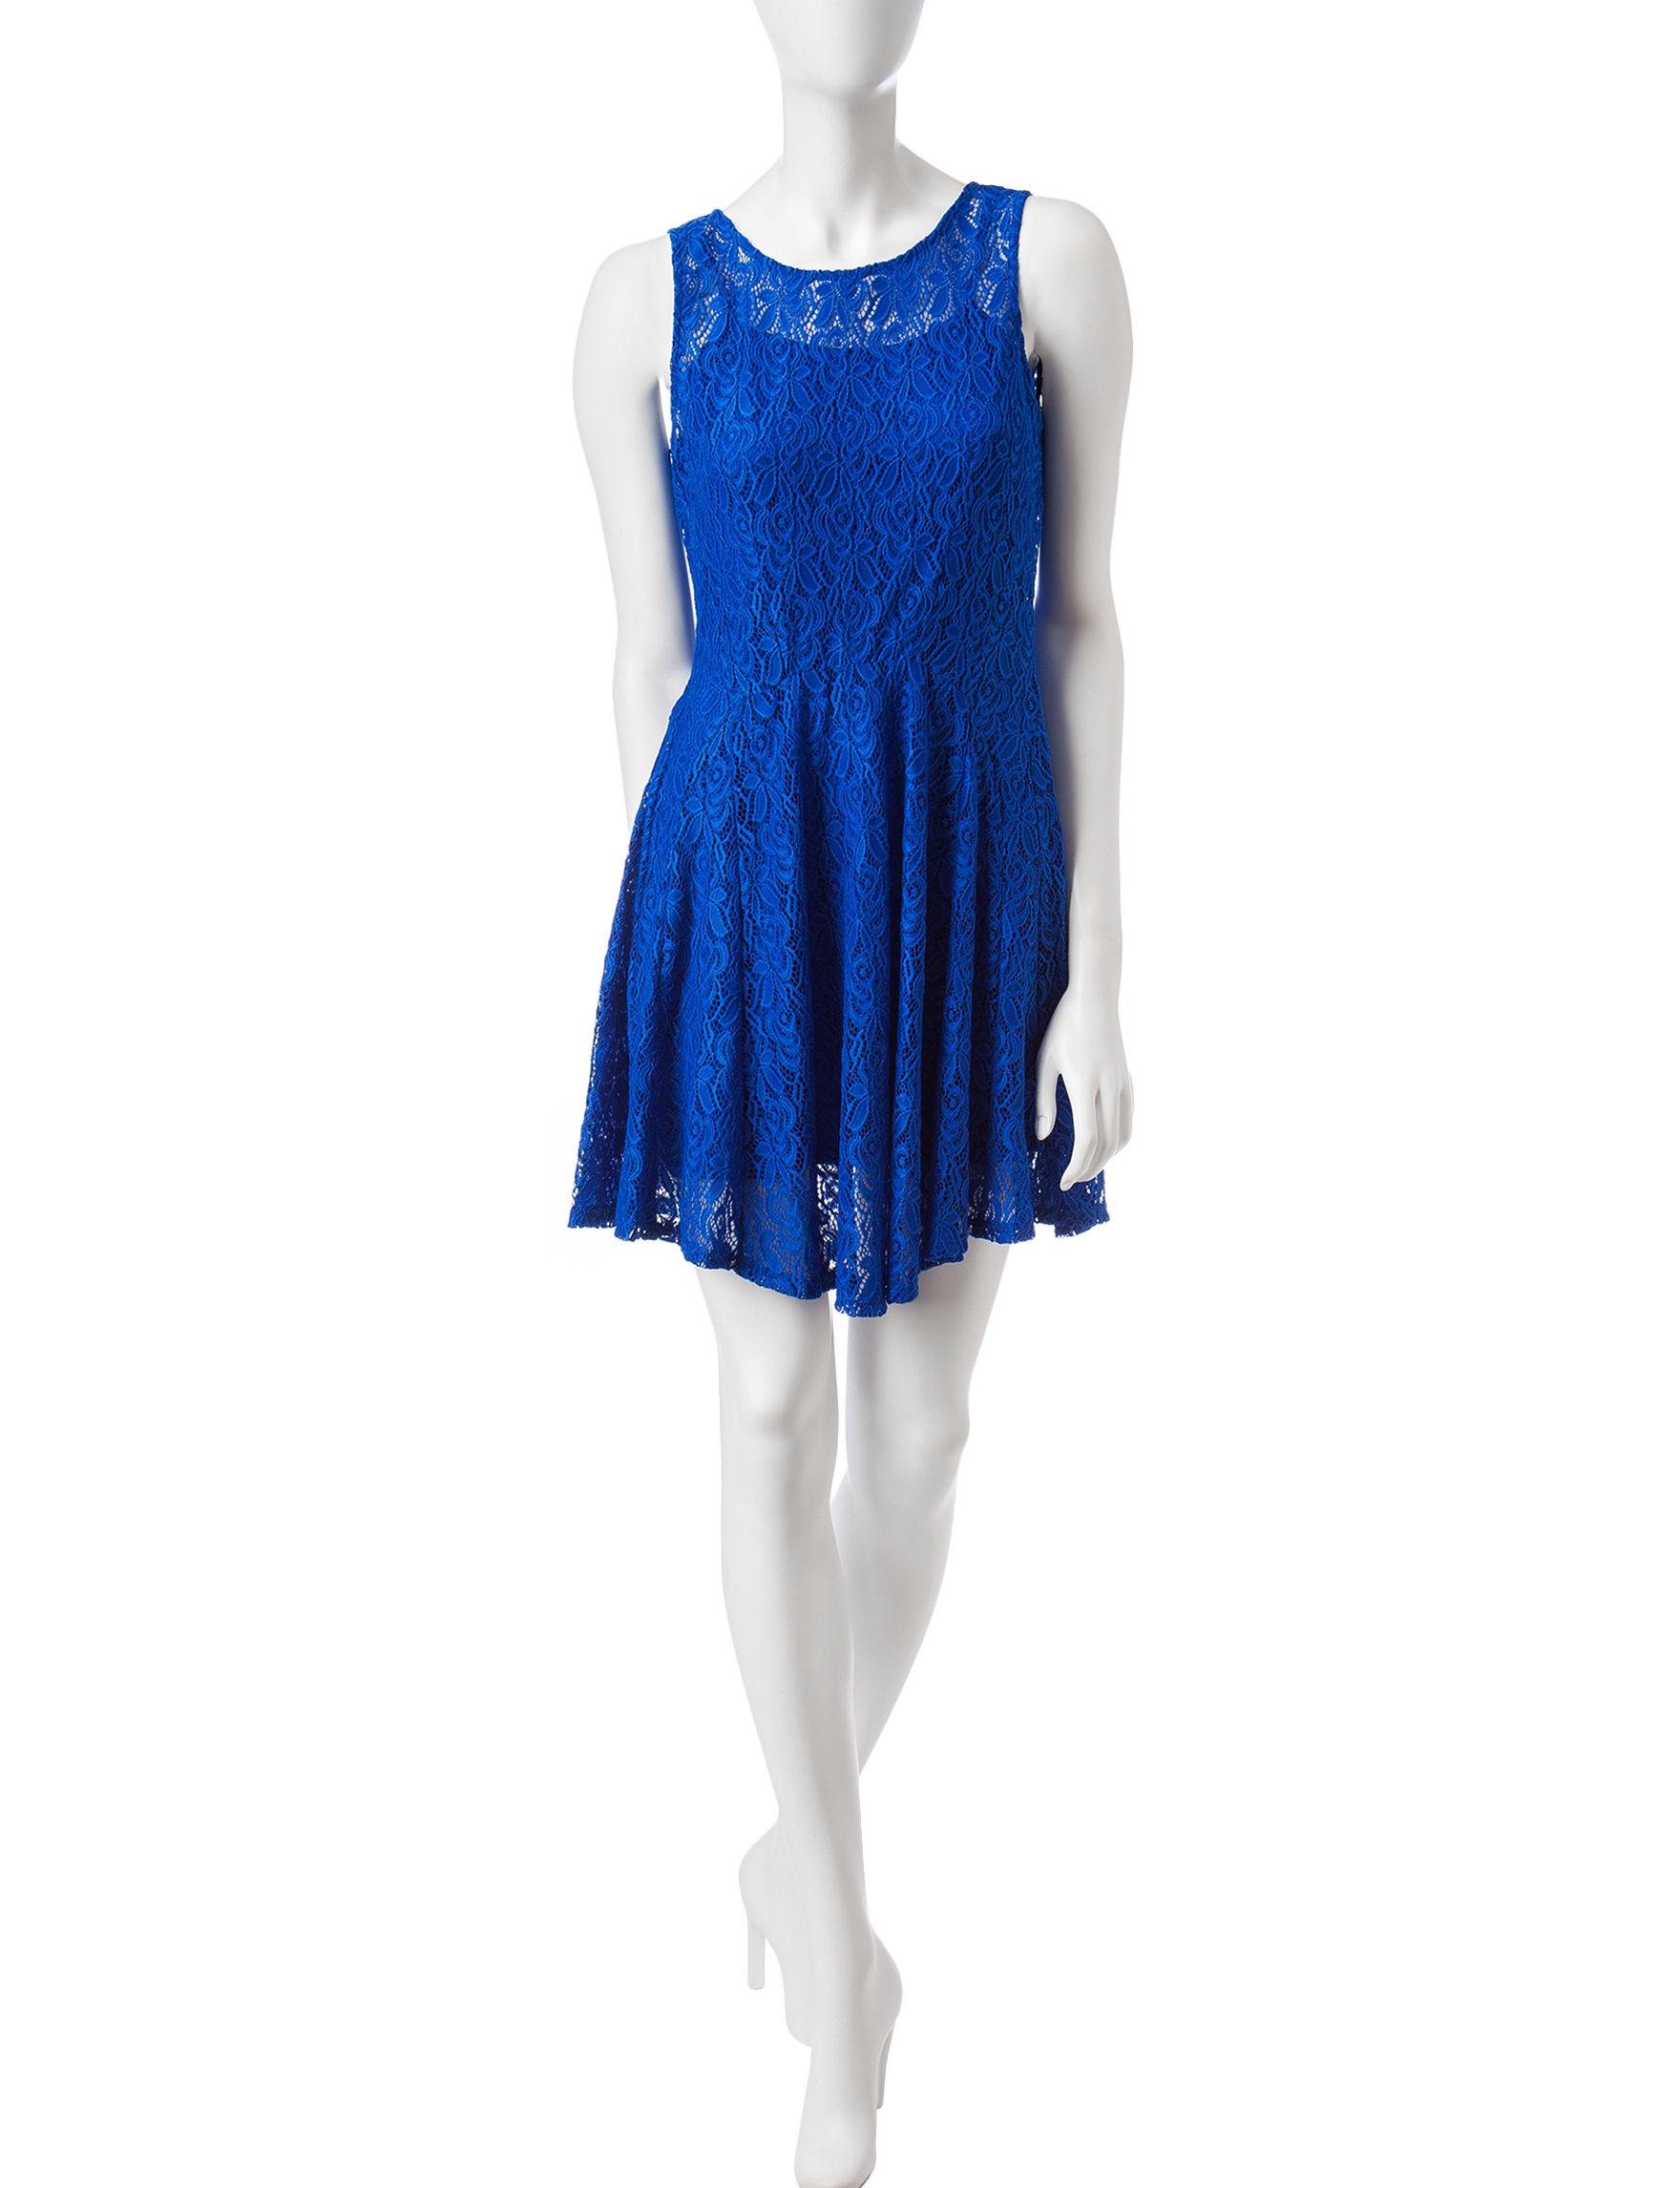 BeBop Cobalt Blue Everyday & Casual Fit & Flare Dresses